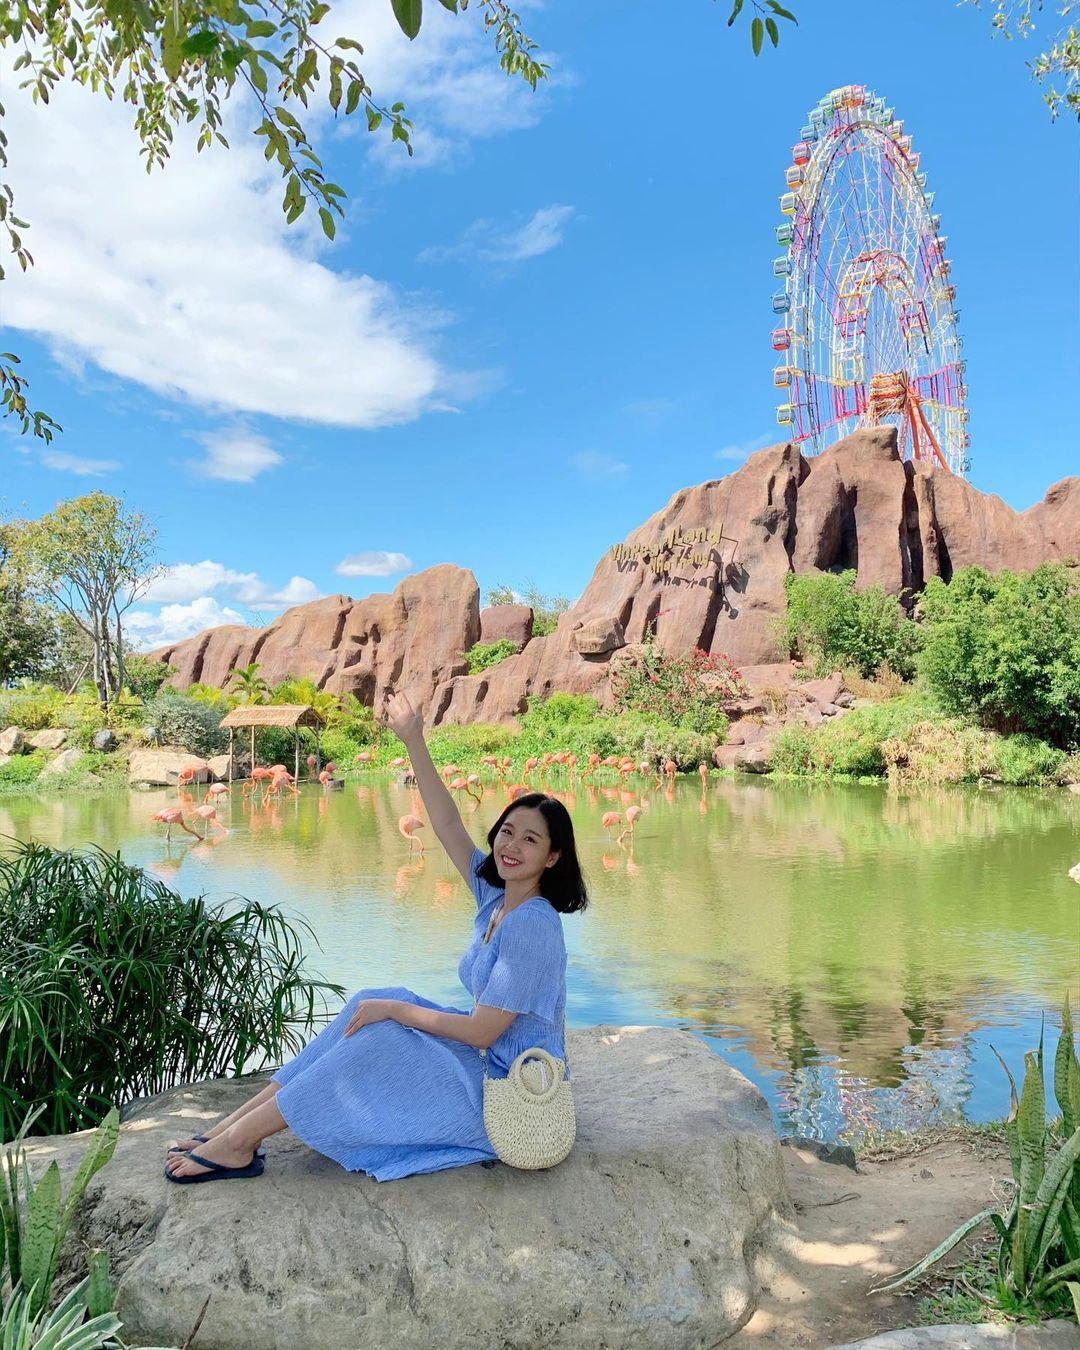 7 khu du lịch khét tiếng nhất Việt Nam: Đại Nam của bà Phương Hằng nắm giữ nhiều kỷ lục khủng, những chỗ còn lại cũng không kém cạnh - Ảnh 30.